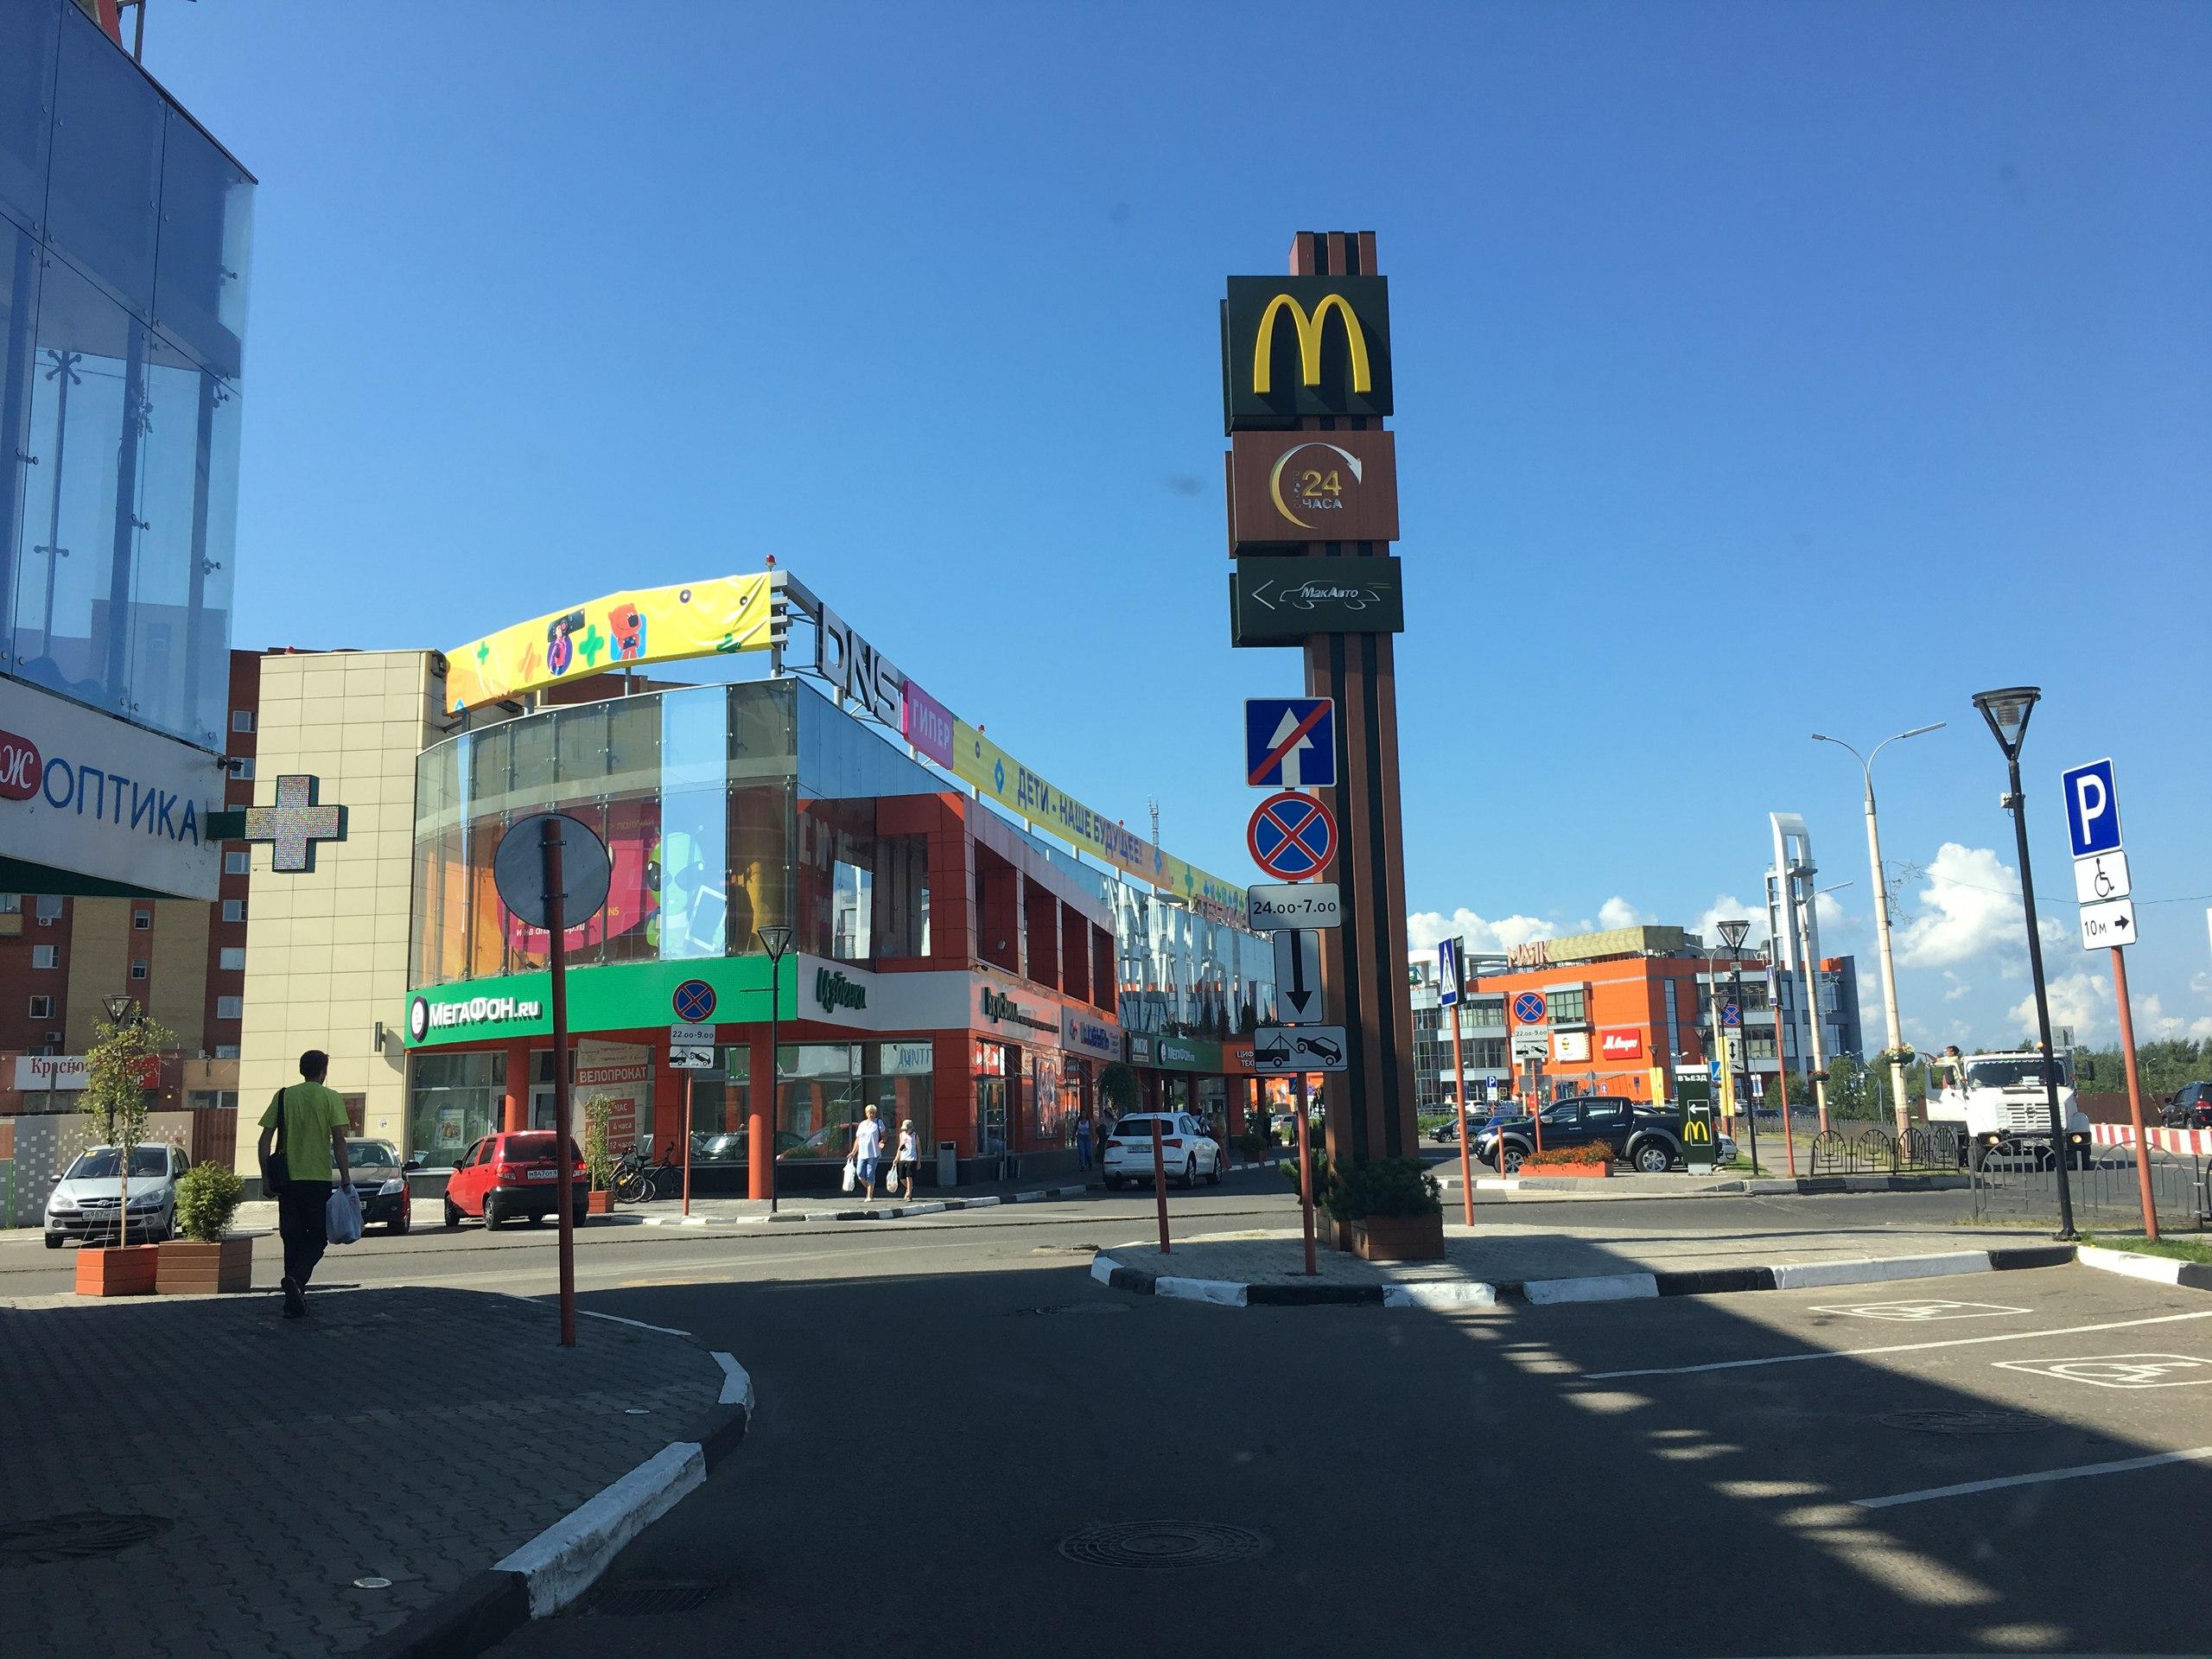 Макдоналдс в Дубне оштрафовали на 50 тысяч рублей